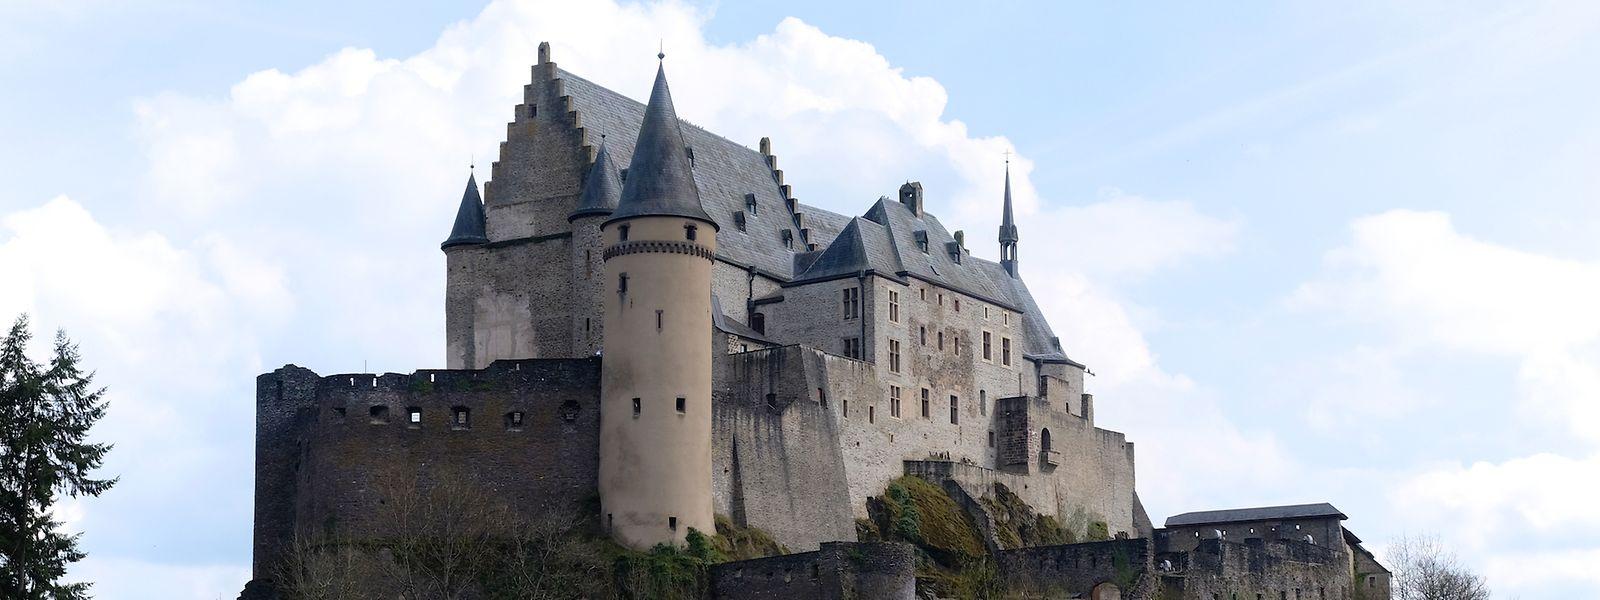 Das Schloss von Vianden ist einen Ausflug wert.